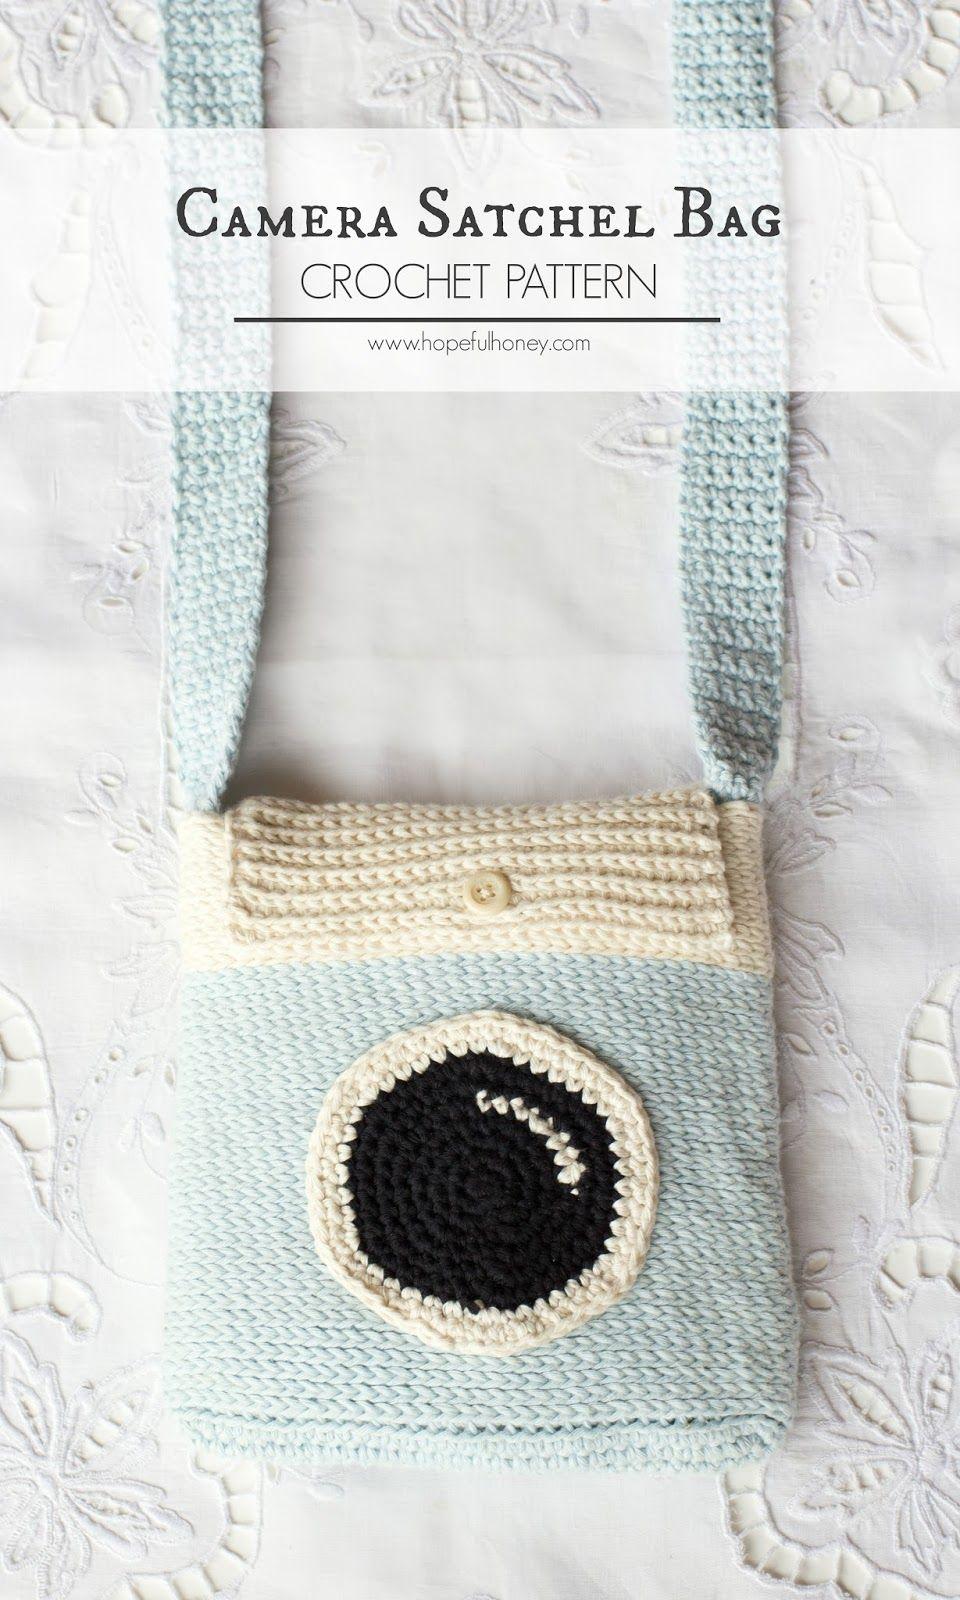 Camera Satchel Bag - Free Crochet Pattern | Monederos, Tejido y Varios